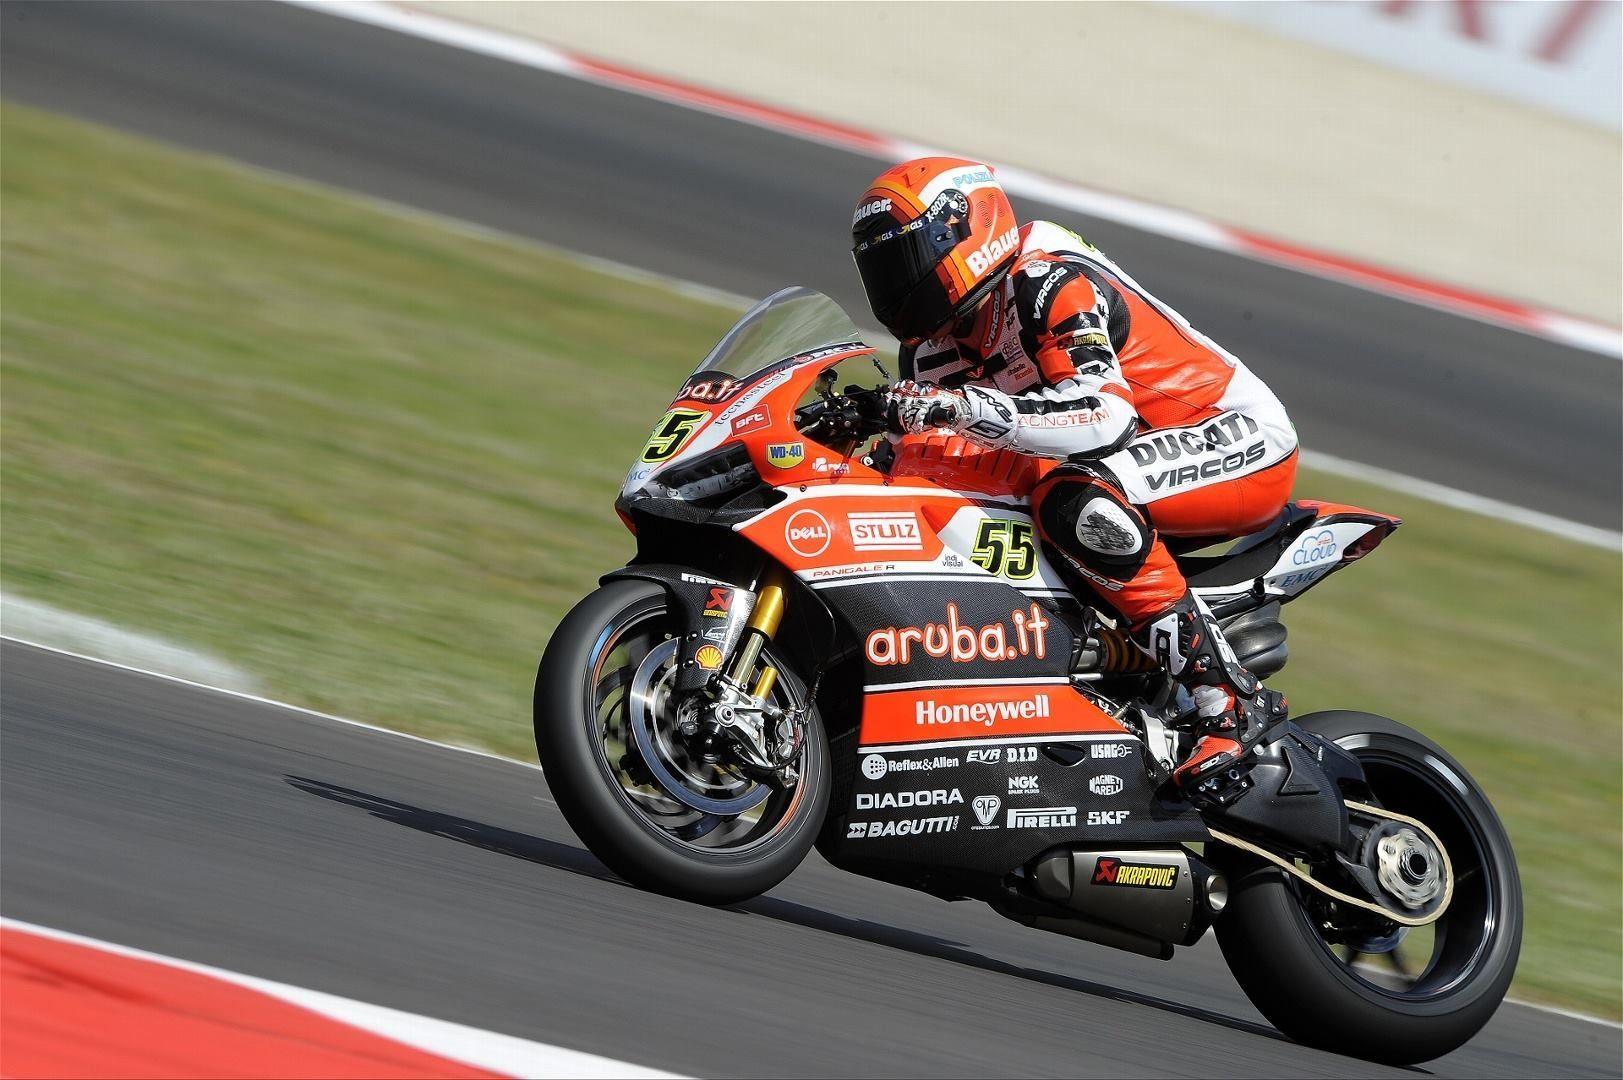 2015 Ducati Panigale R | Michele Pirro